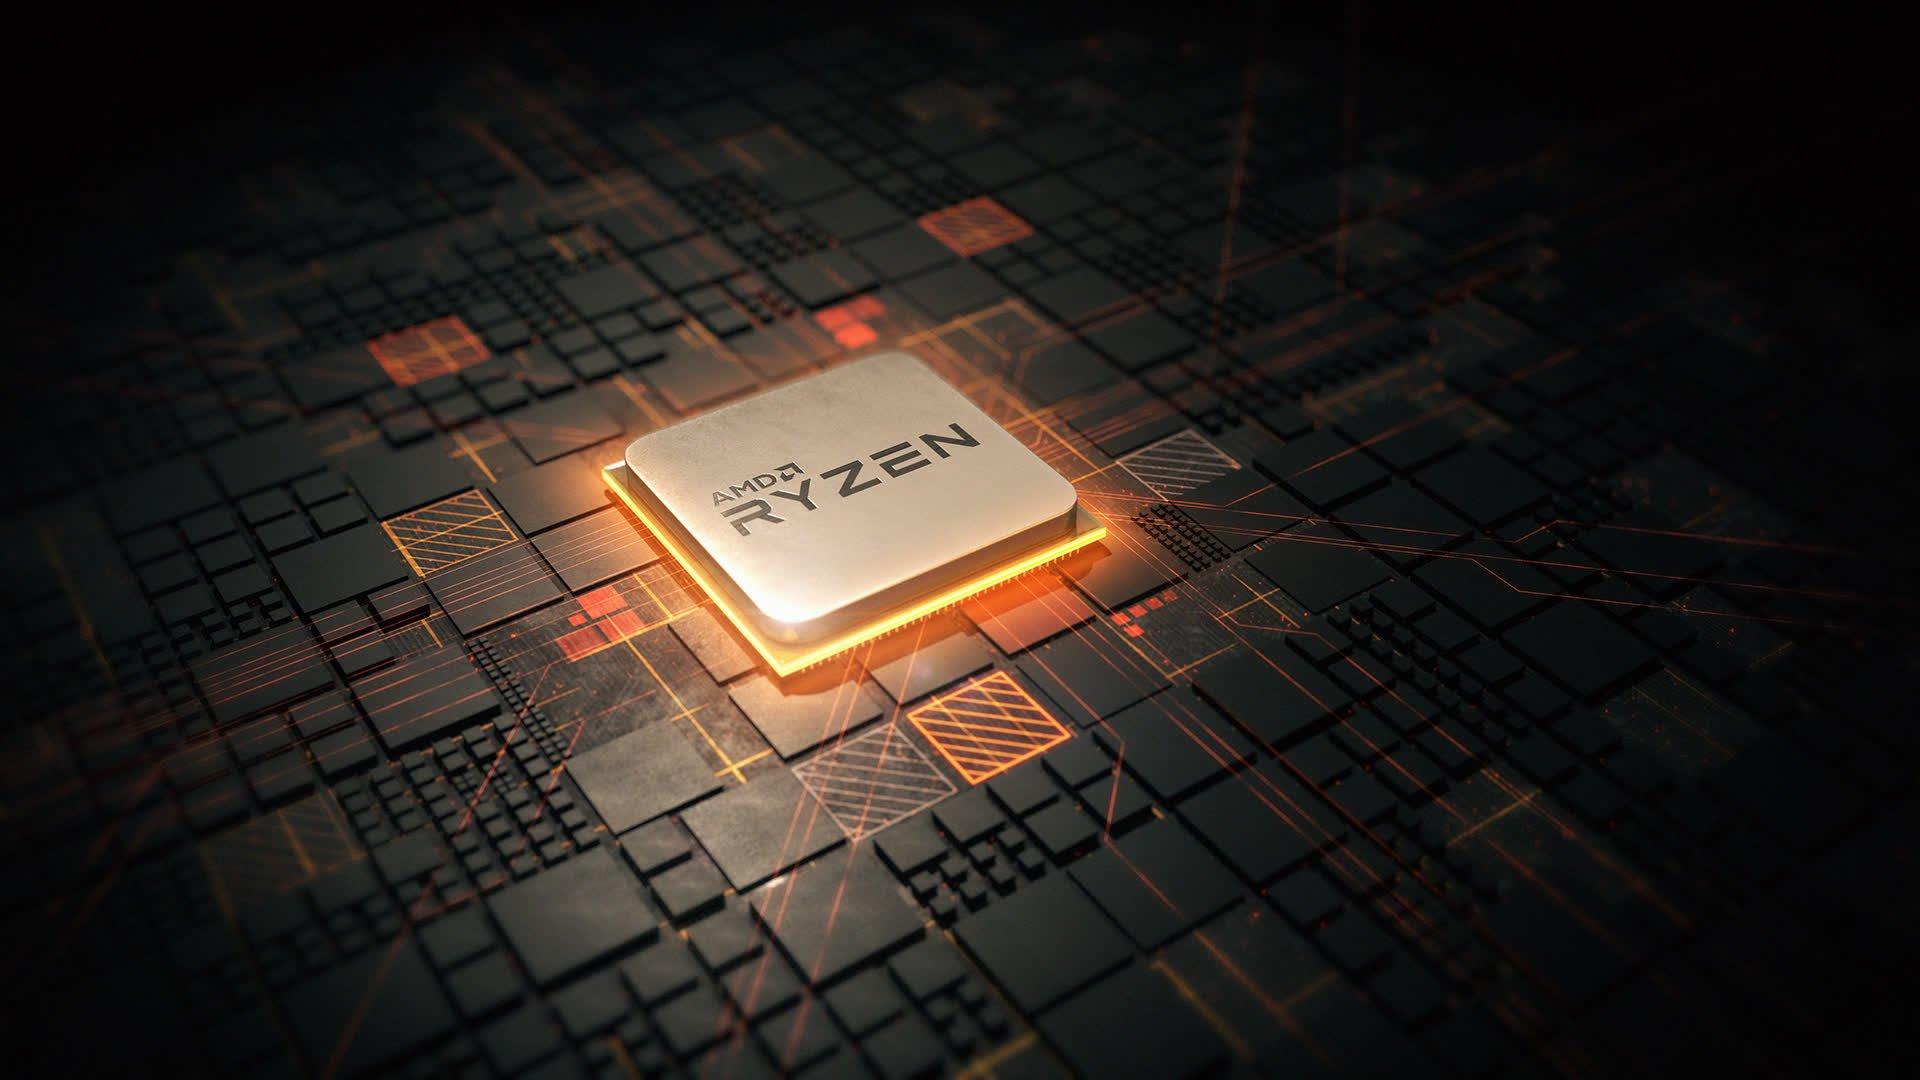 مشخصات پردازندههای رایزن ۶۰۰۰ AMD افشا شد: تحولی در لپتاپهای گیمینگ